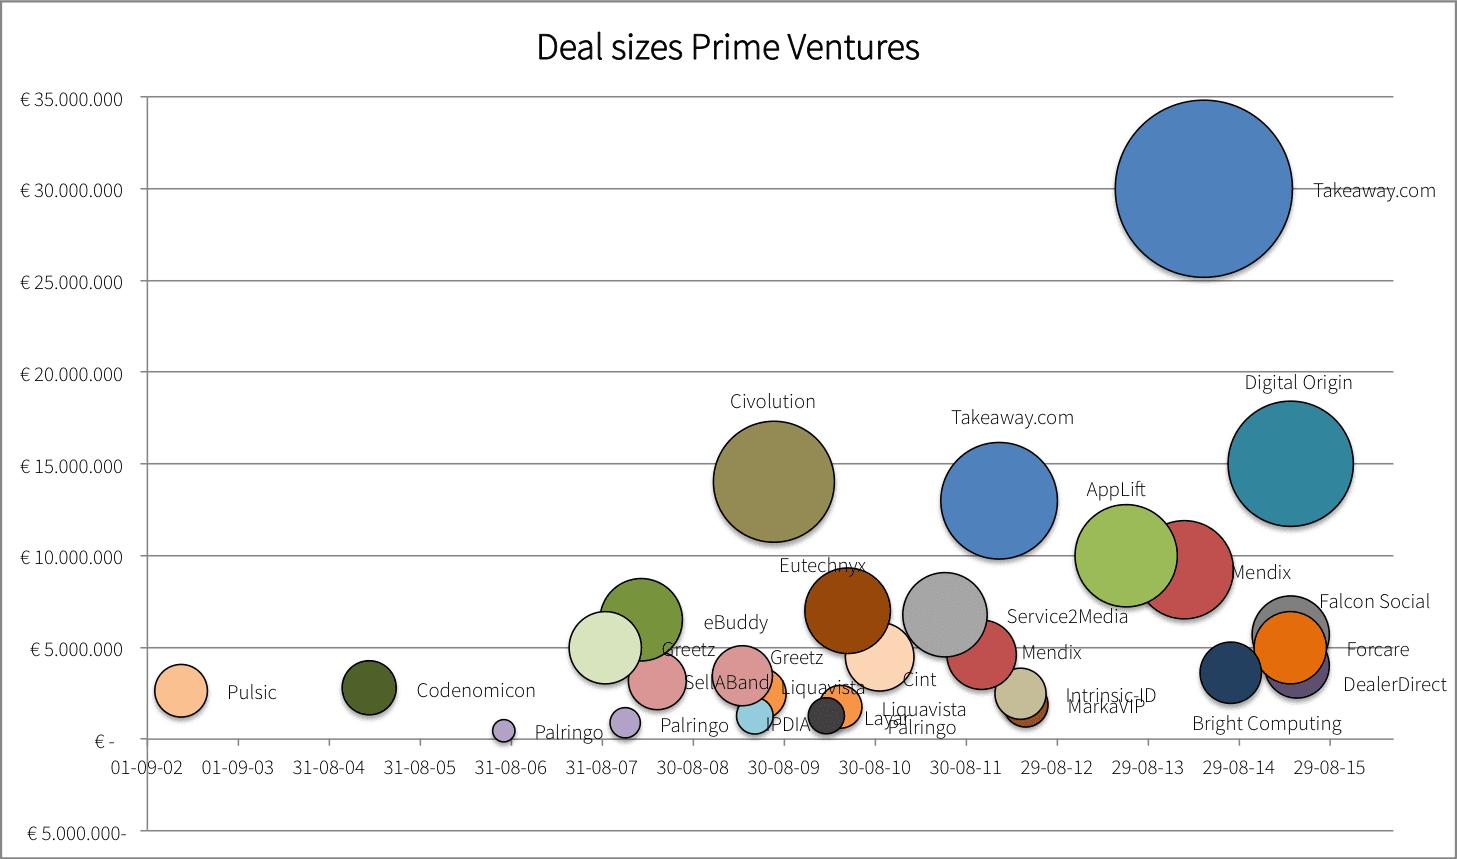 De investeringsbedragen van Prime Ventures per deal.